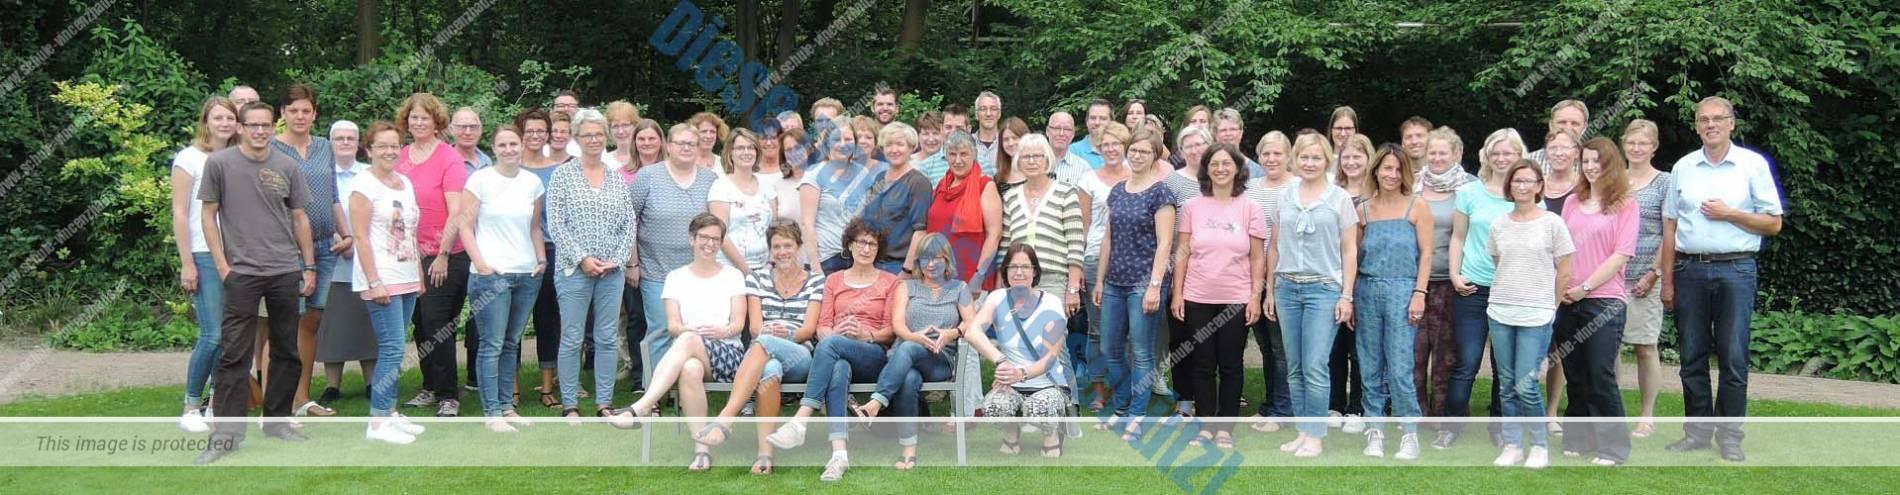 Kollegium der Schule St. Vincenzhaus Cloppenburg